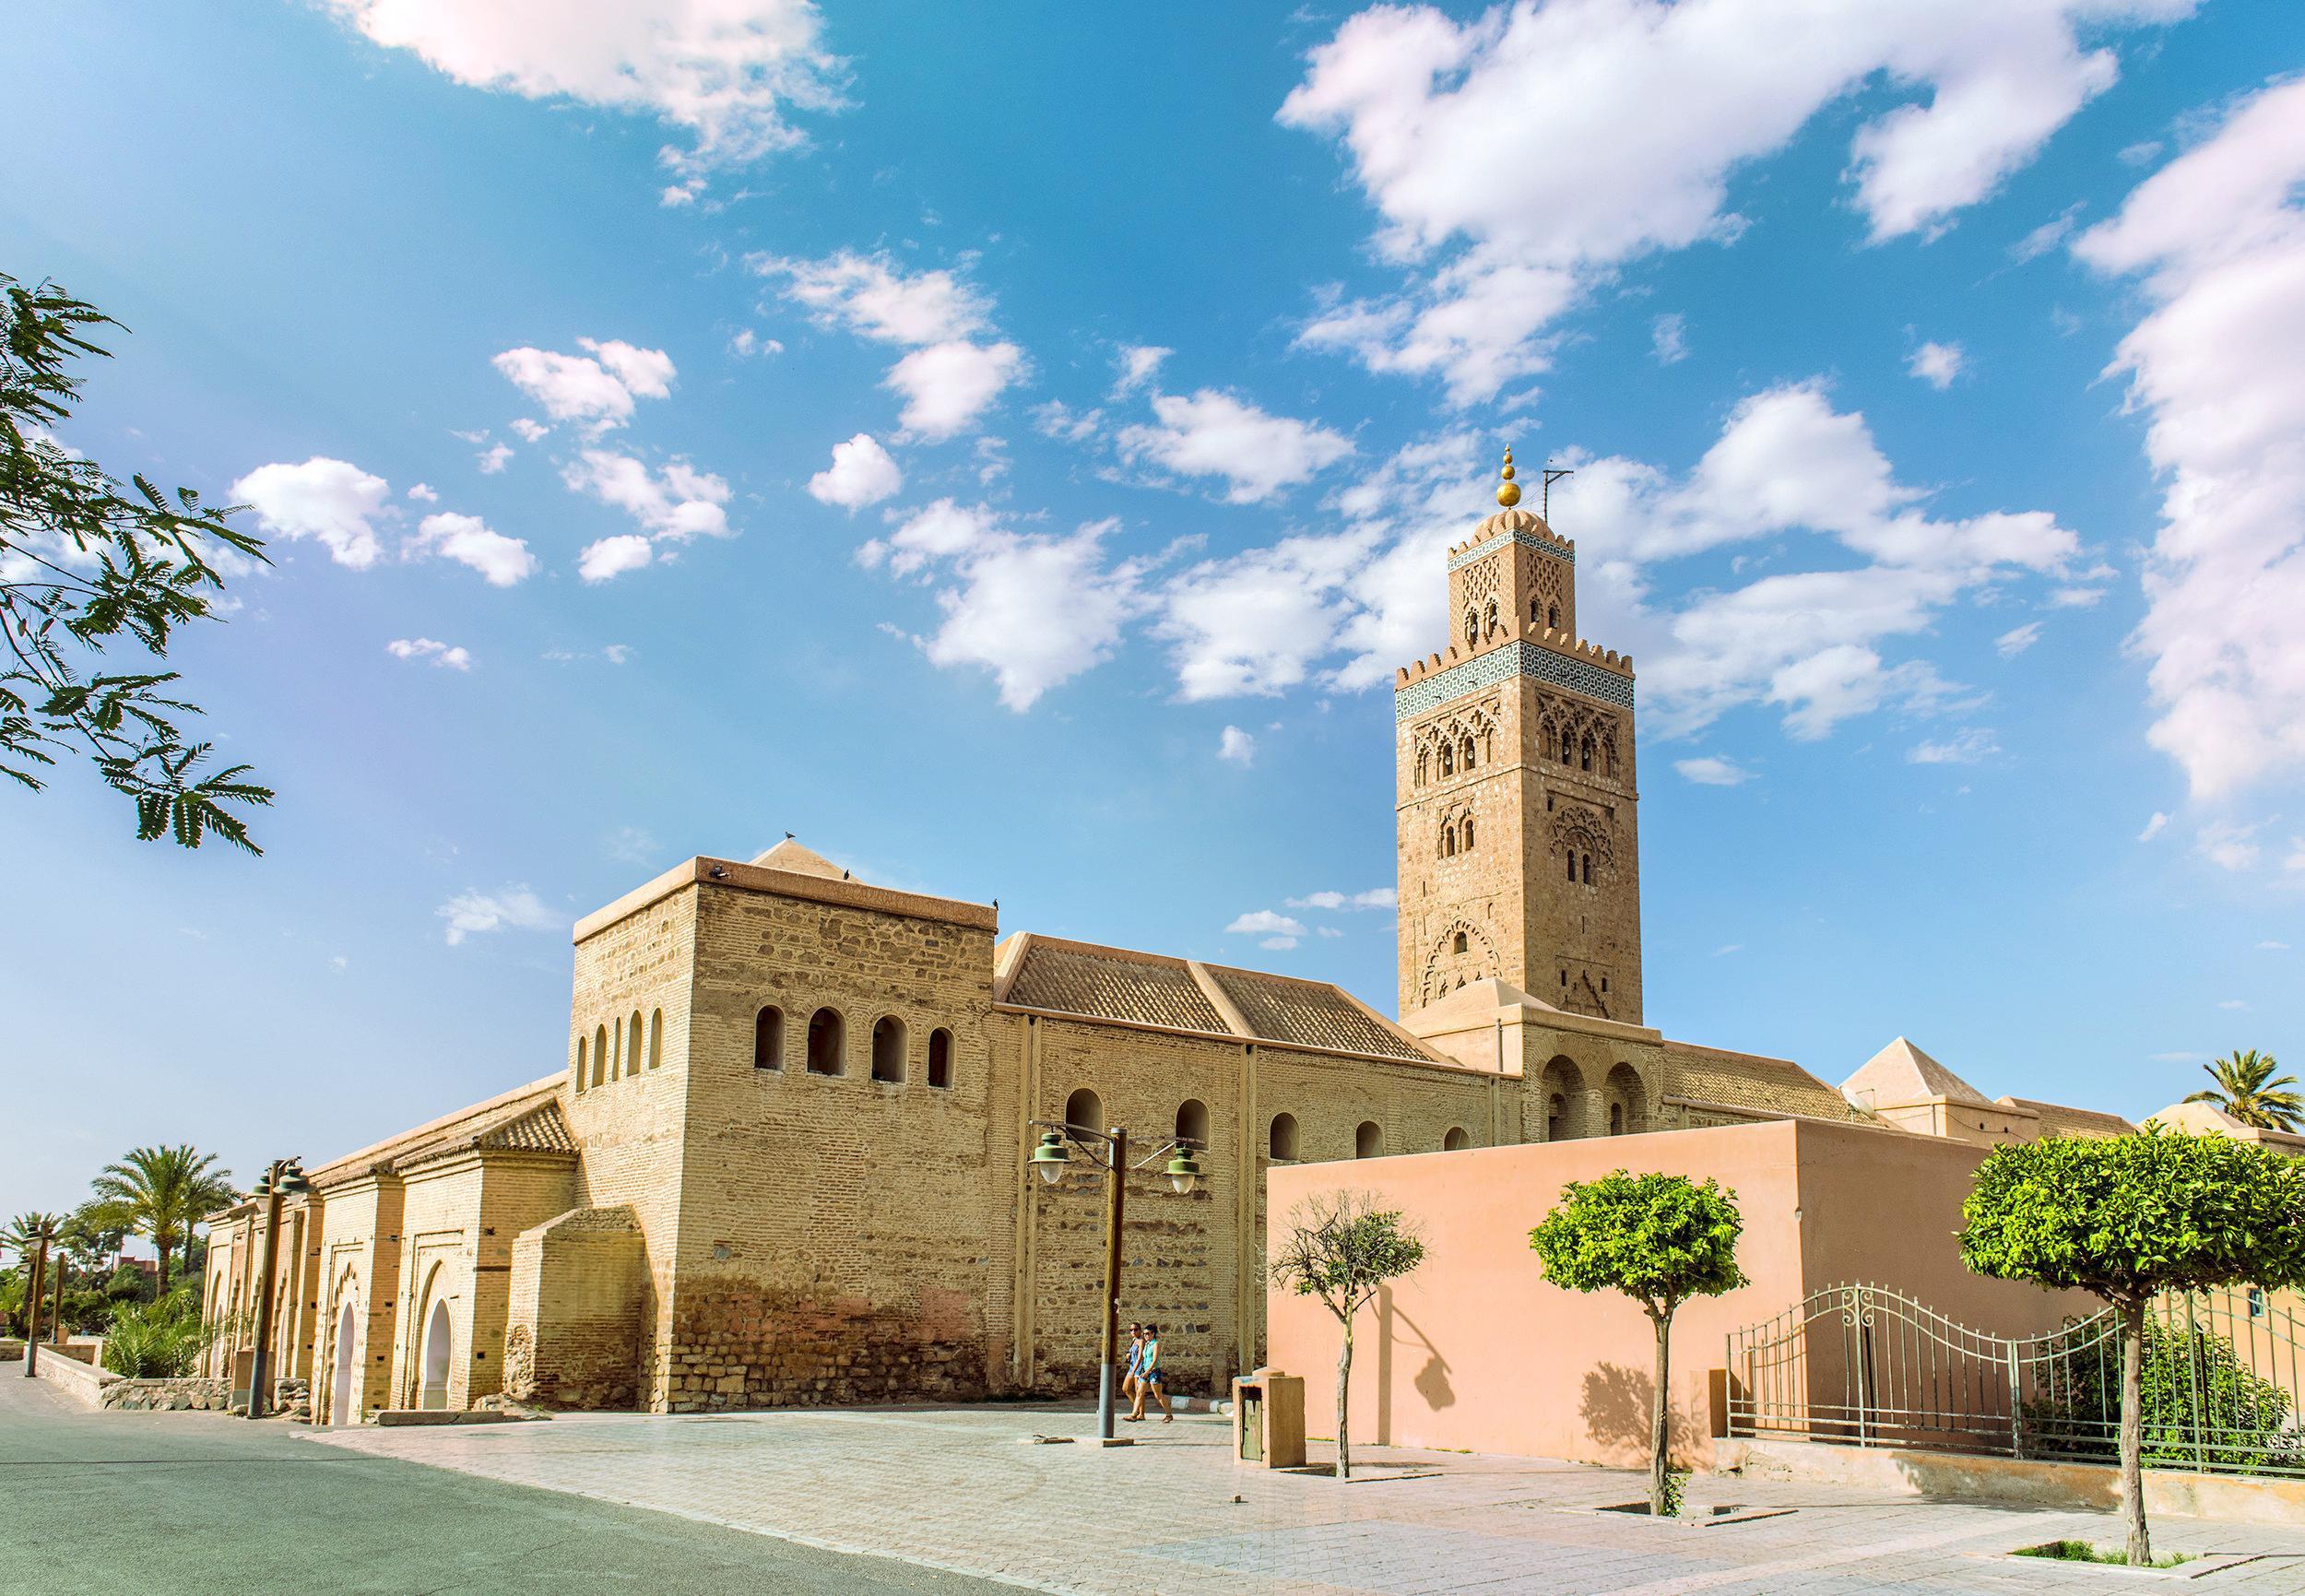 クトゥビーヤ・モスクとミナレット